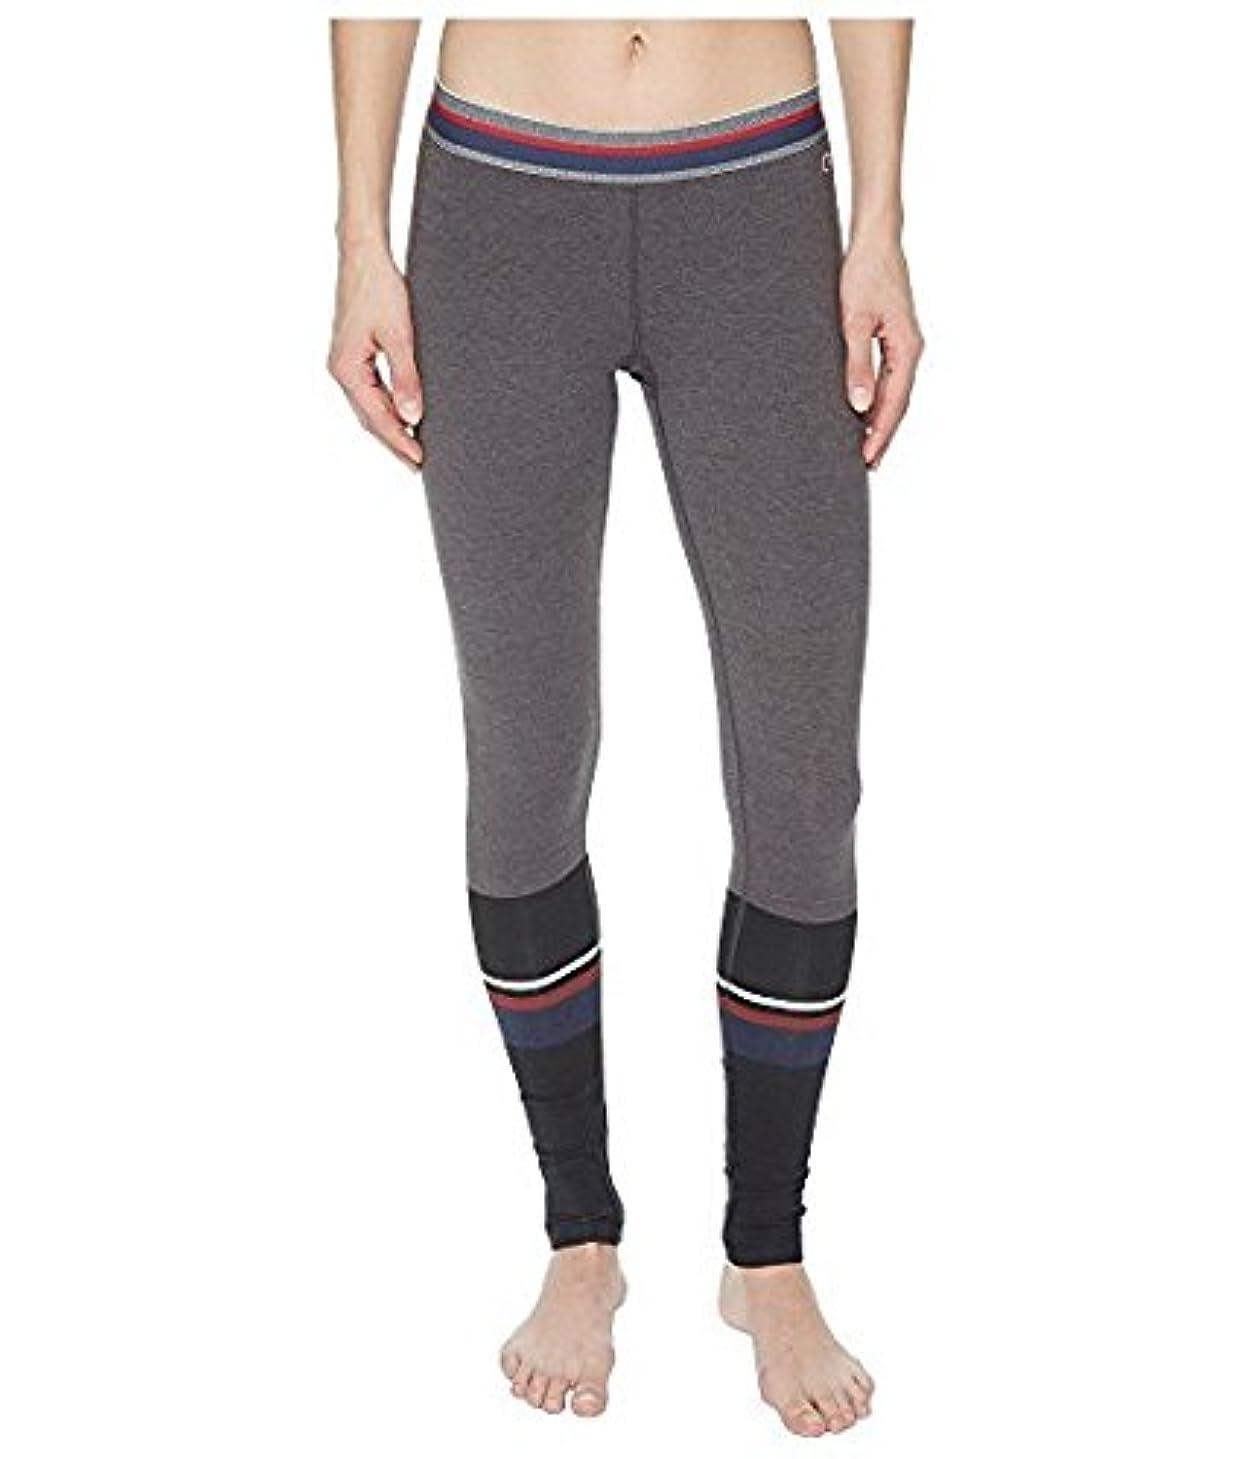 トランペット合図領域チャンピオン Champion レディース パンツ Tube Sock Placed Bla Authentic Leggings - Print [並行輸入品]